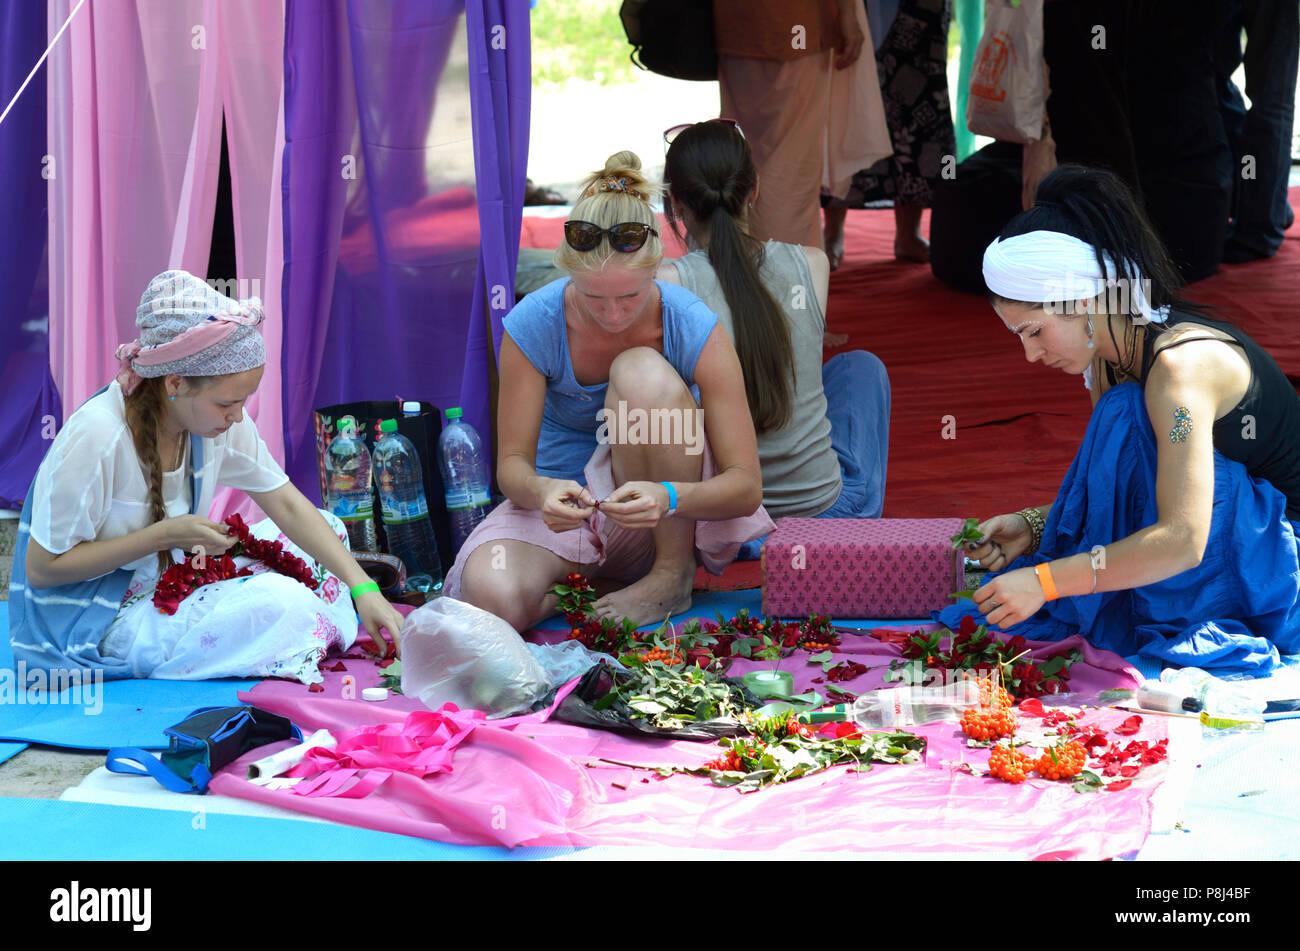 Donne vestito in abiti orientali seduta sul terreno e lavorare con fiori. Fest di cultura vedica Vedalife-2017. Il 7 agosto 2017. A Kiev, Ucraina Immagini Stock